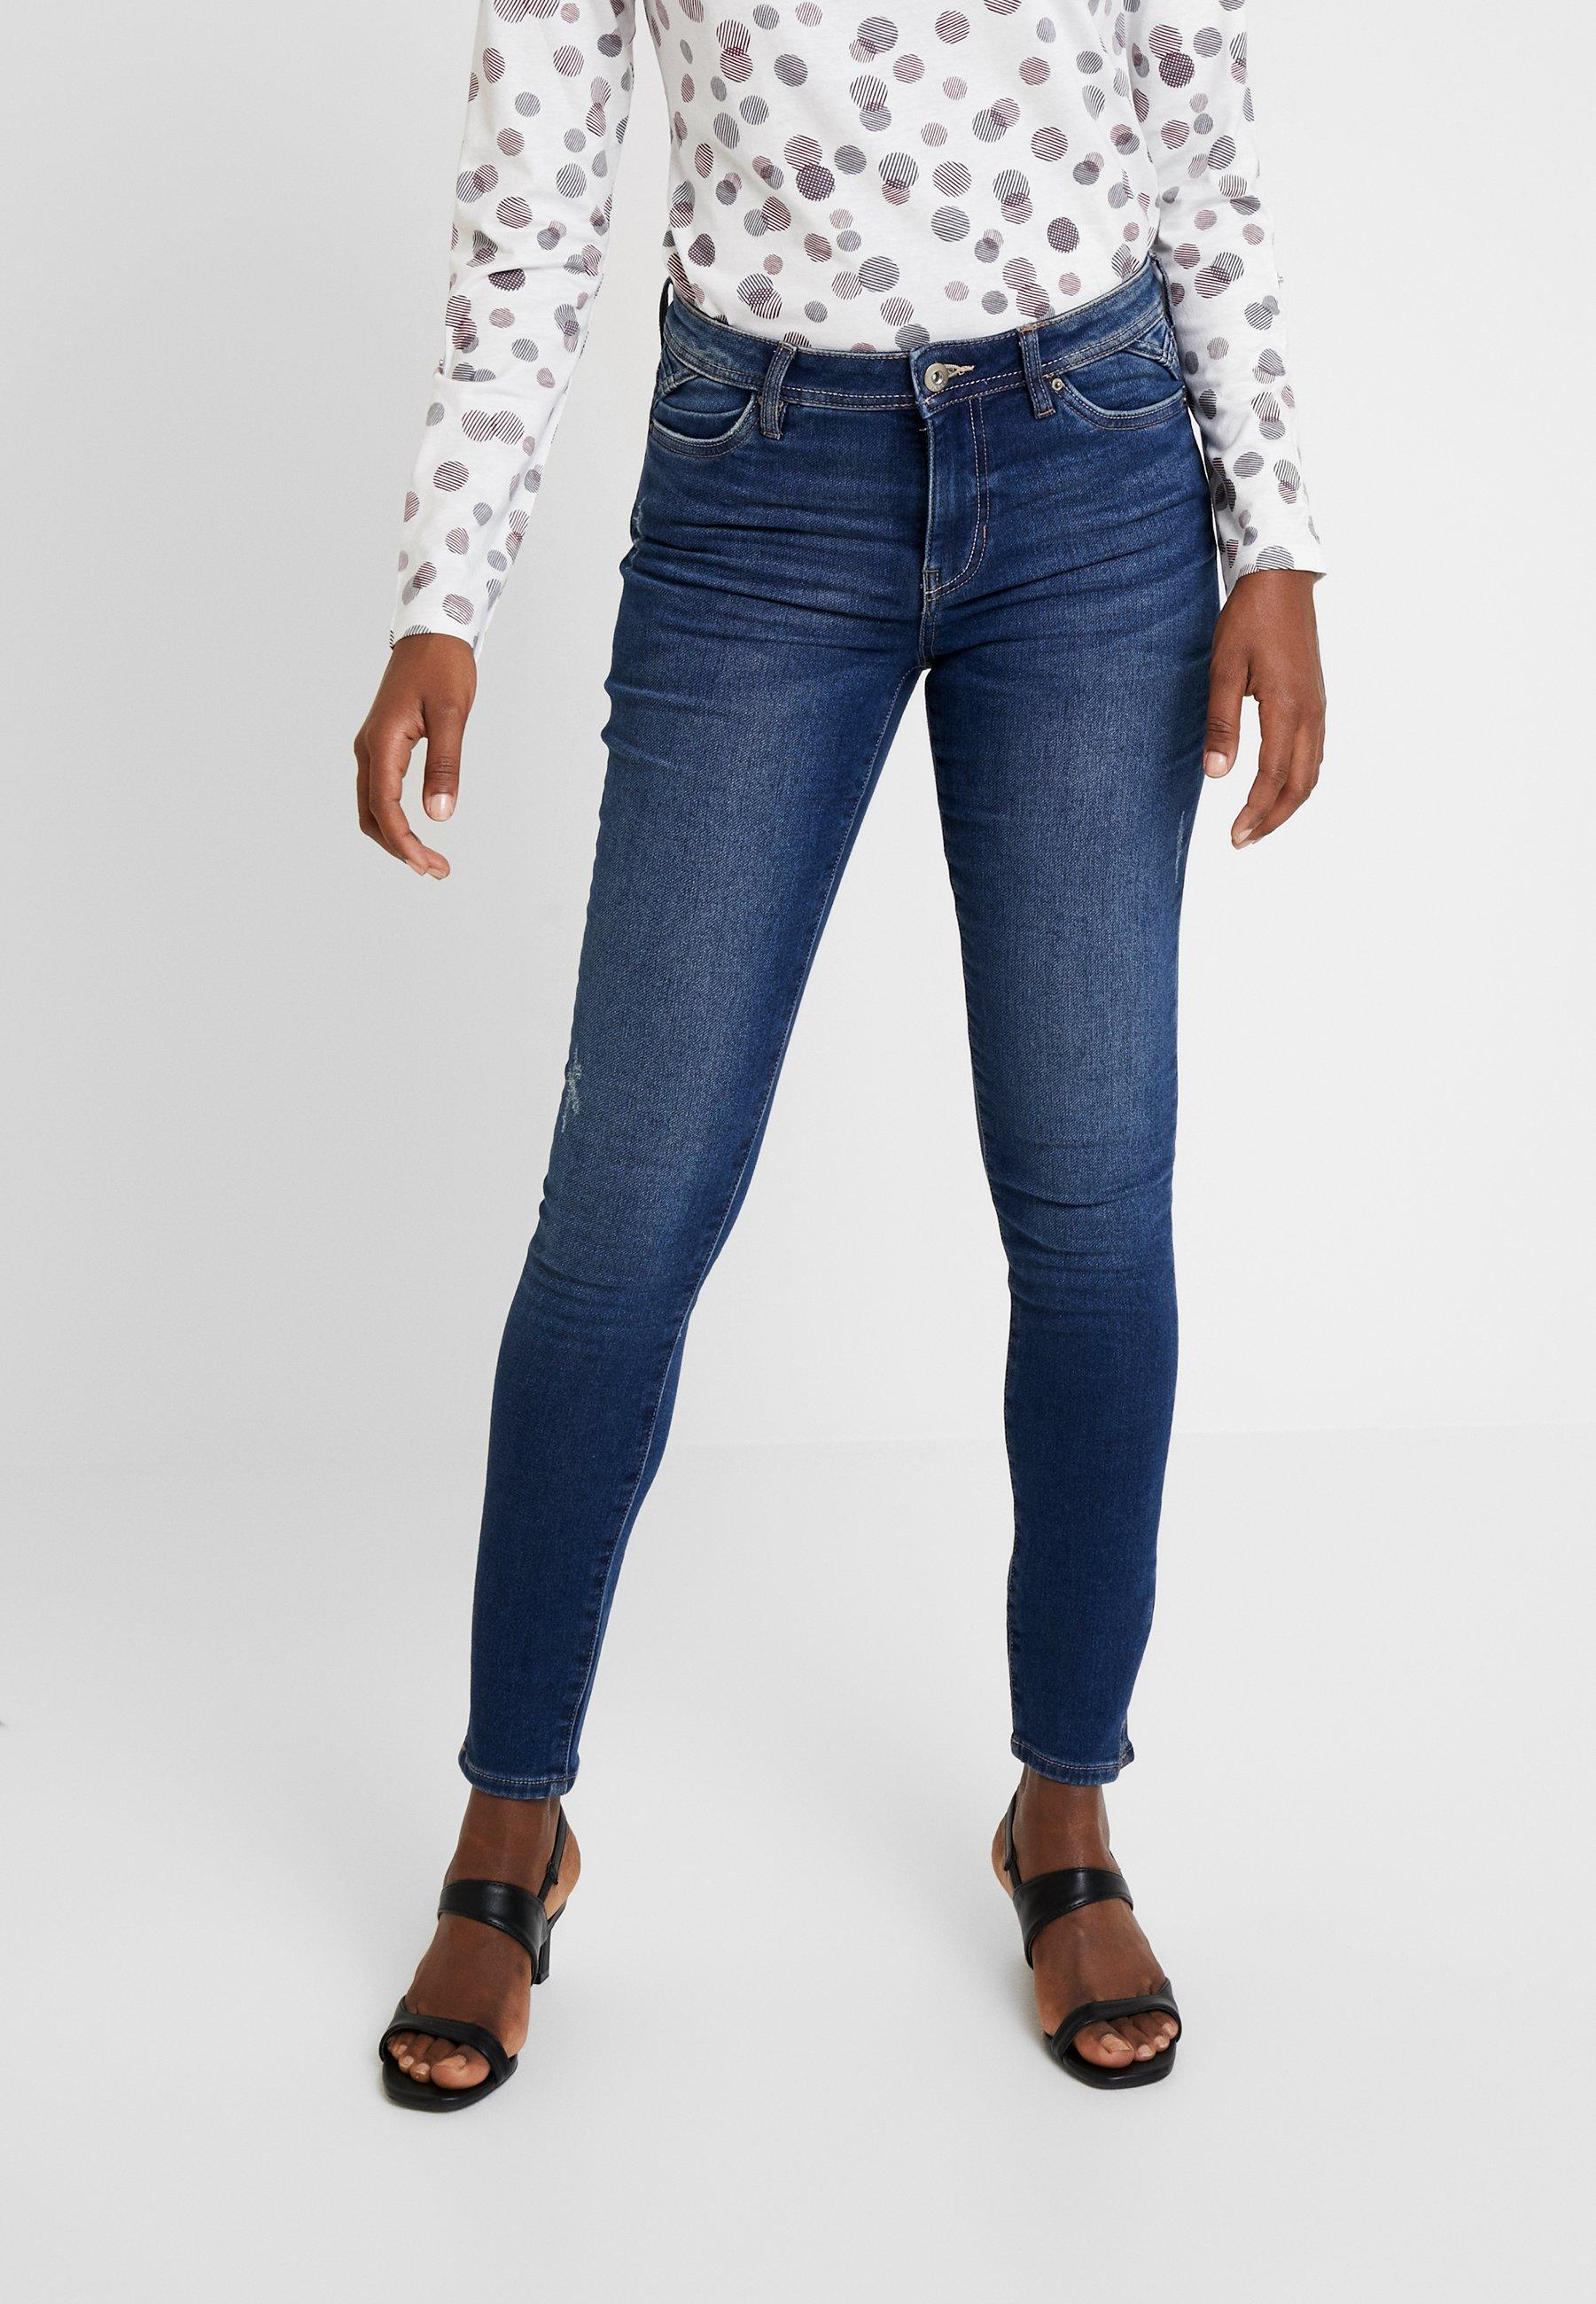 Esprit Jeans SkinnyBlue Dark By Edc Wash j4AR5L